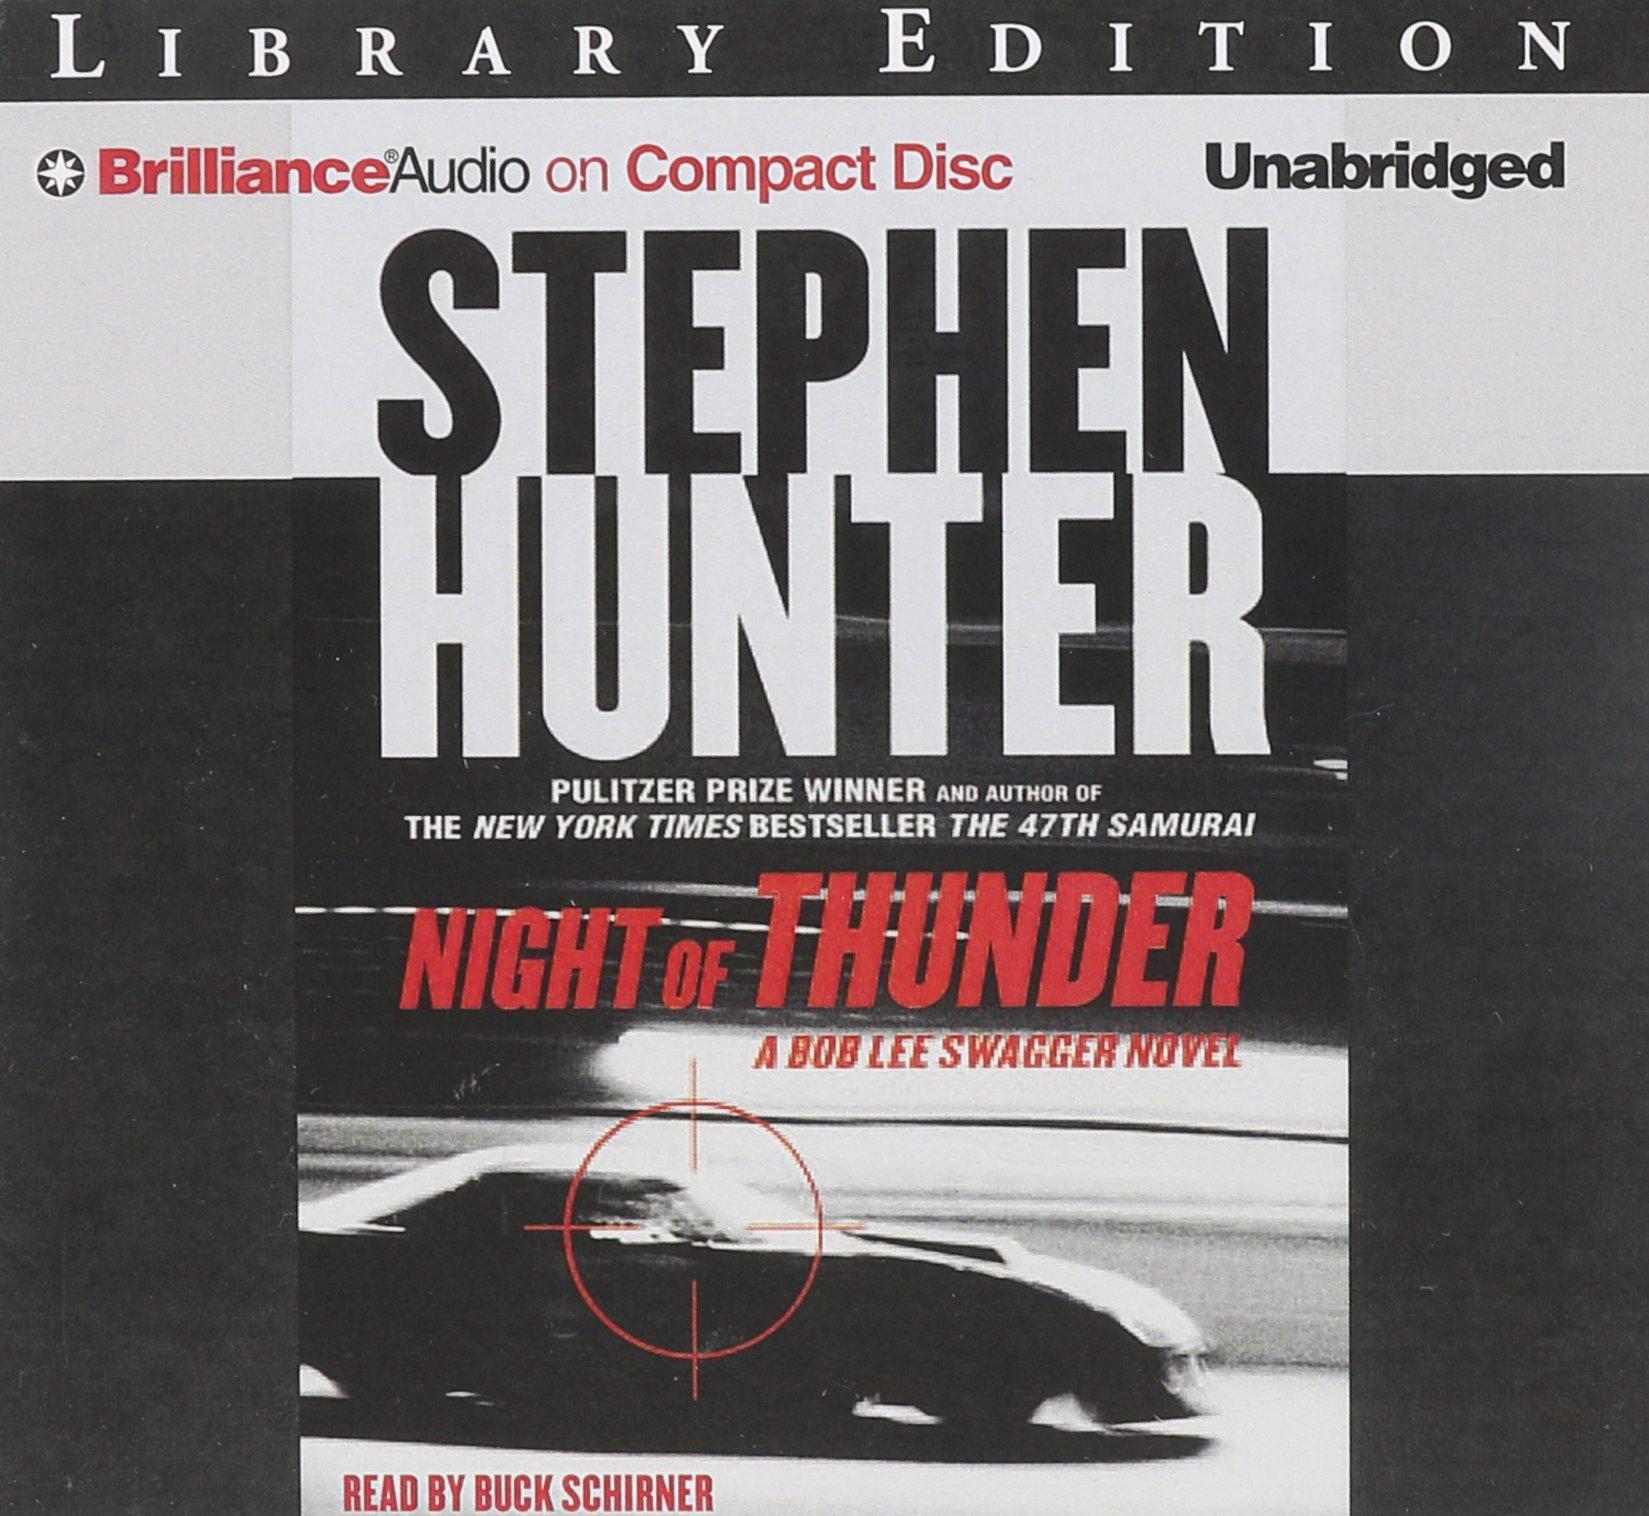 Night of Thunder (Bob Lee Swagger Novels): Amazon.co.uk: Stephen Hunter,  Buck Schirner: 9781501240096: Books